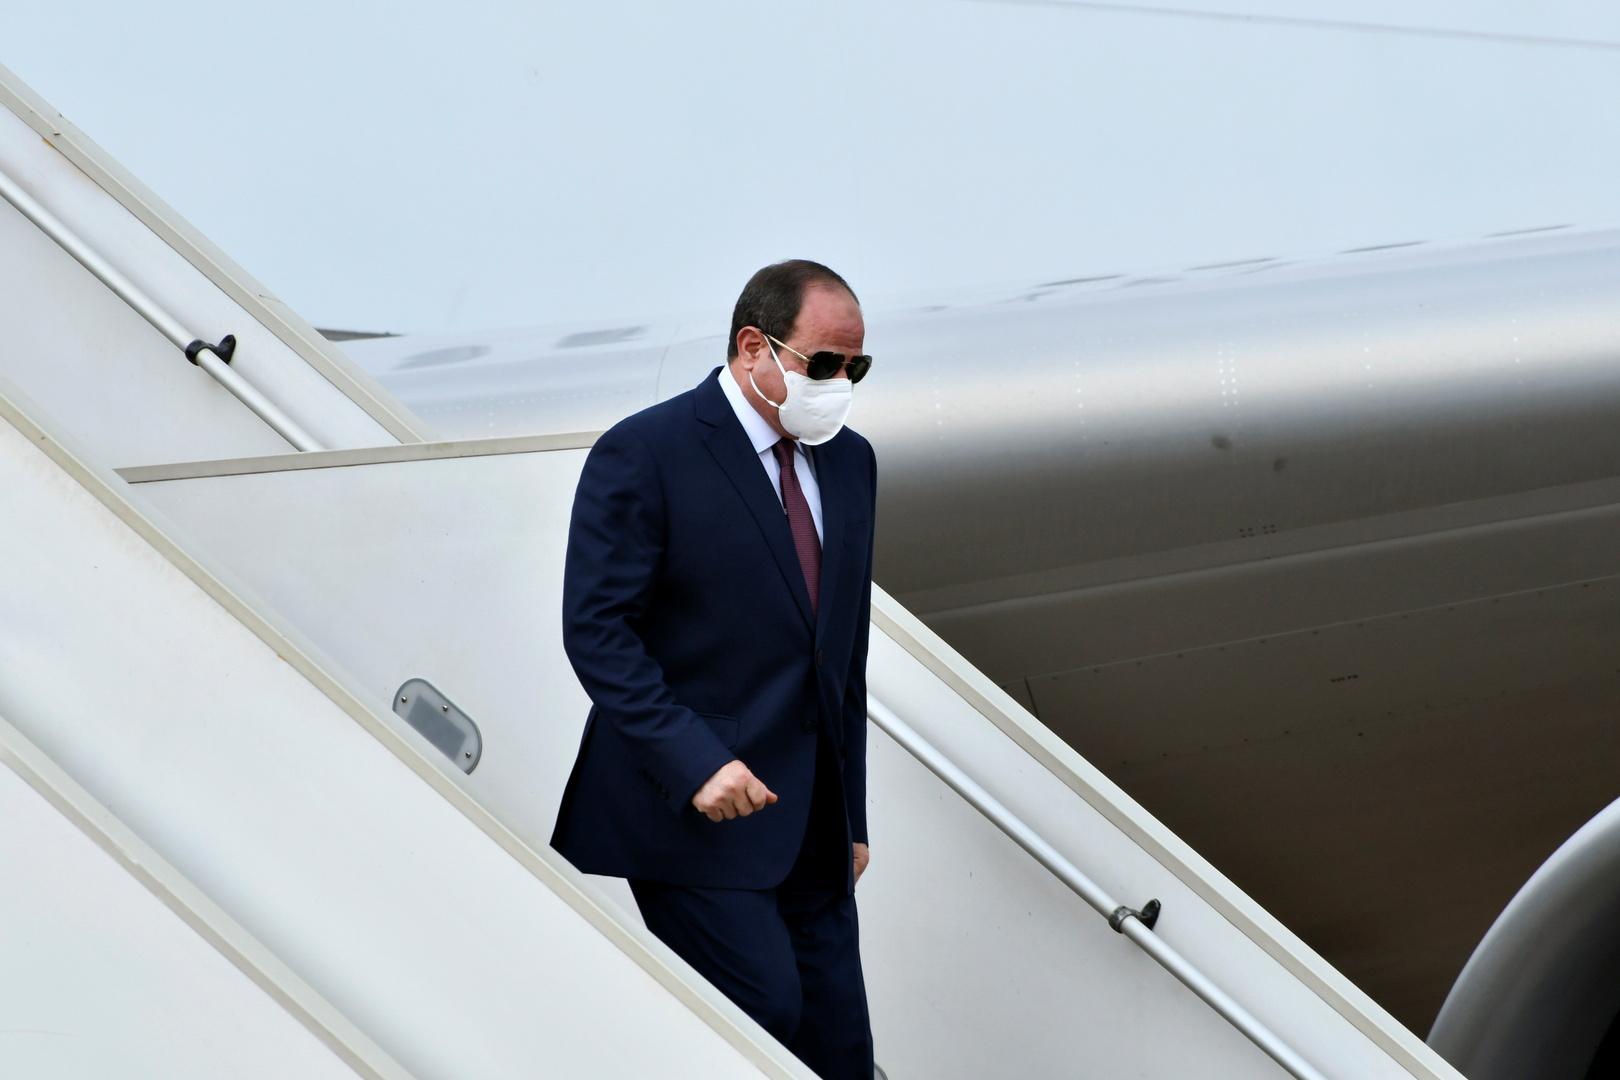 السيسي يتوجه غدا إلى الأردن بدعوة من الملك